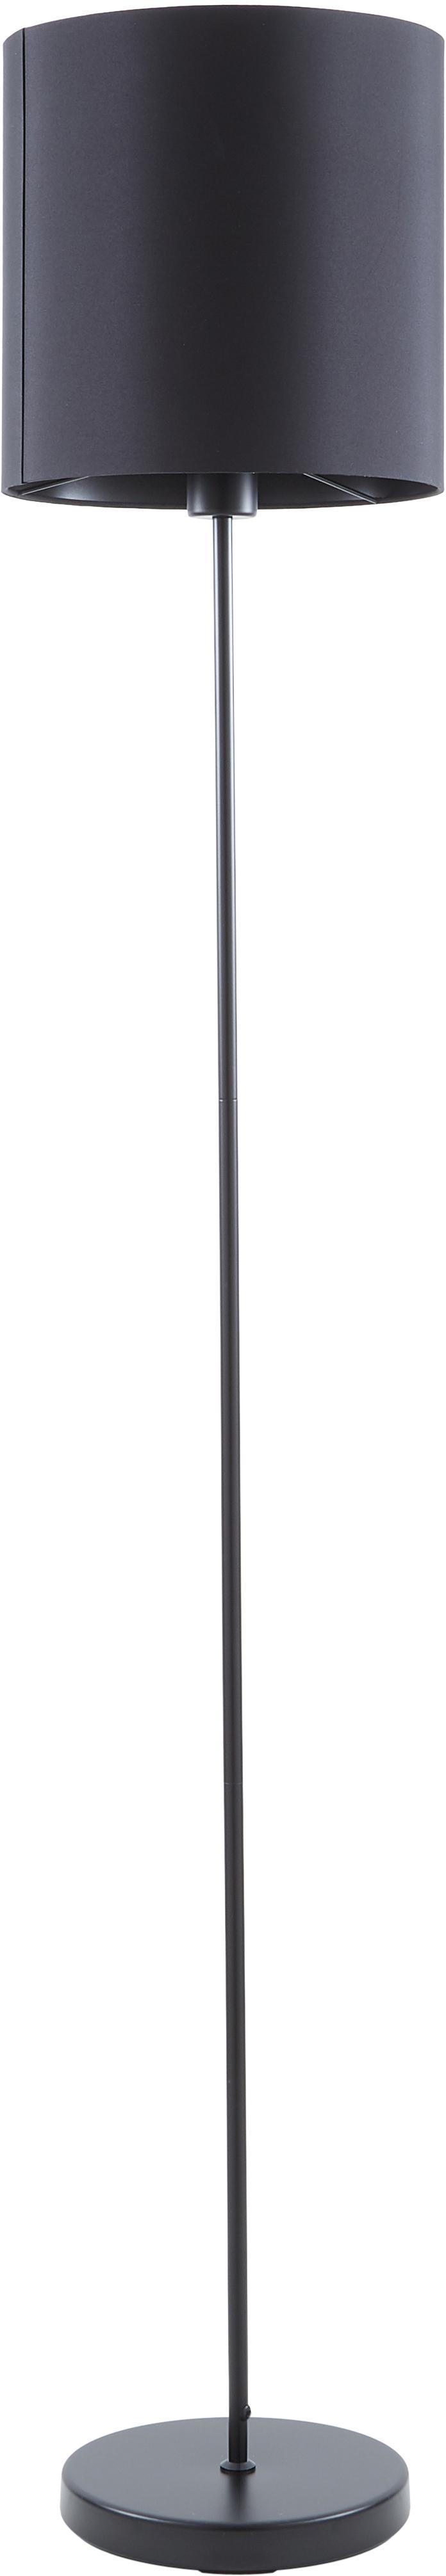 Lampada da terra Harry, Paralume: tessuto, Base della lampada: metallo verniciato a polv, Nero, Ø 28 x Alt. 158 cm